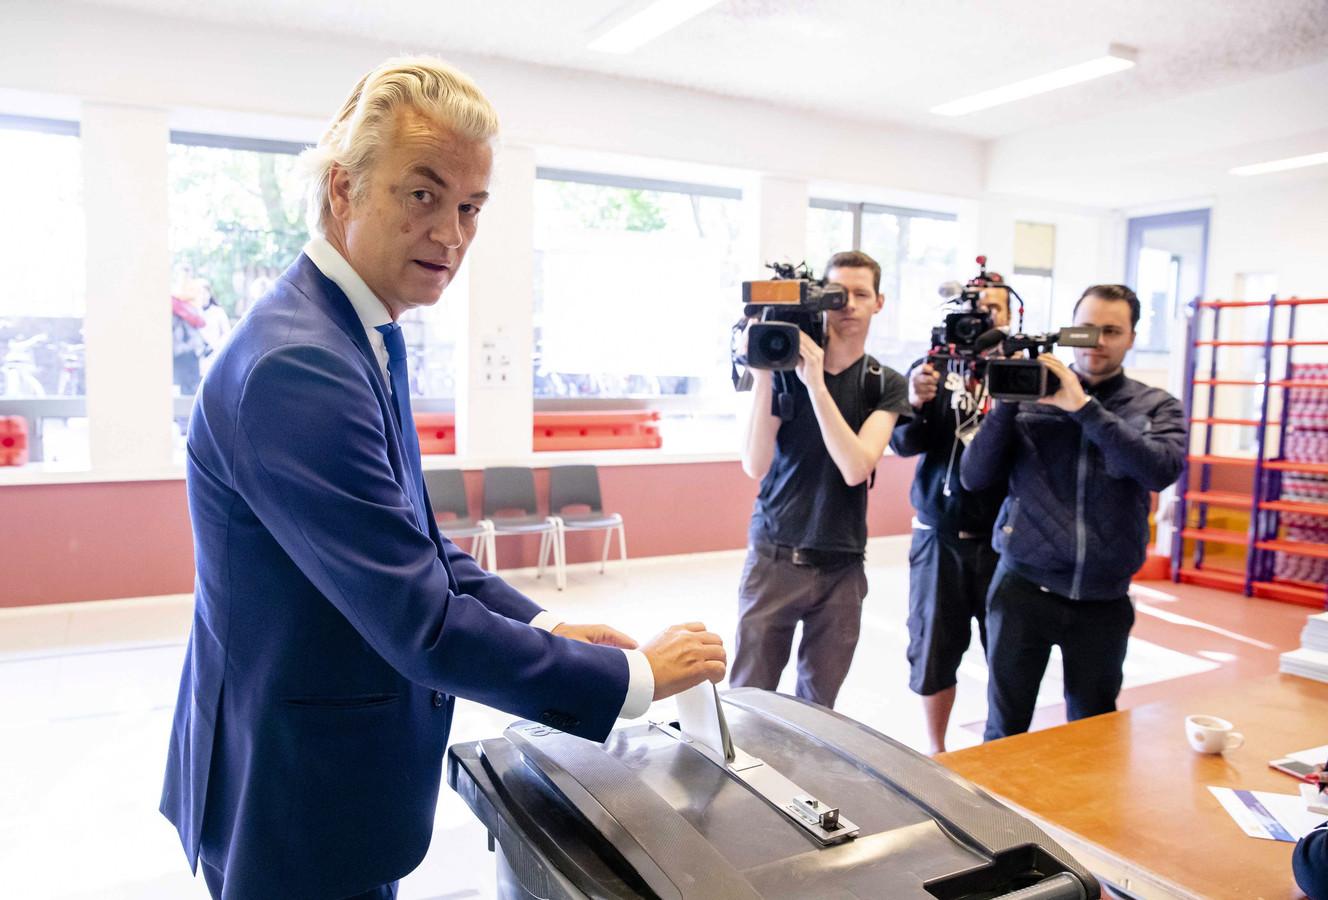 Wilders brengt zijn stem uit.